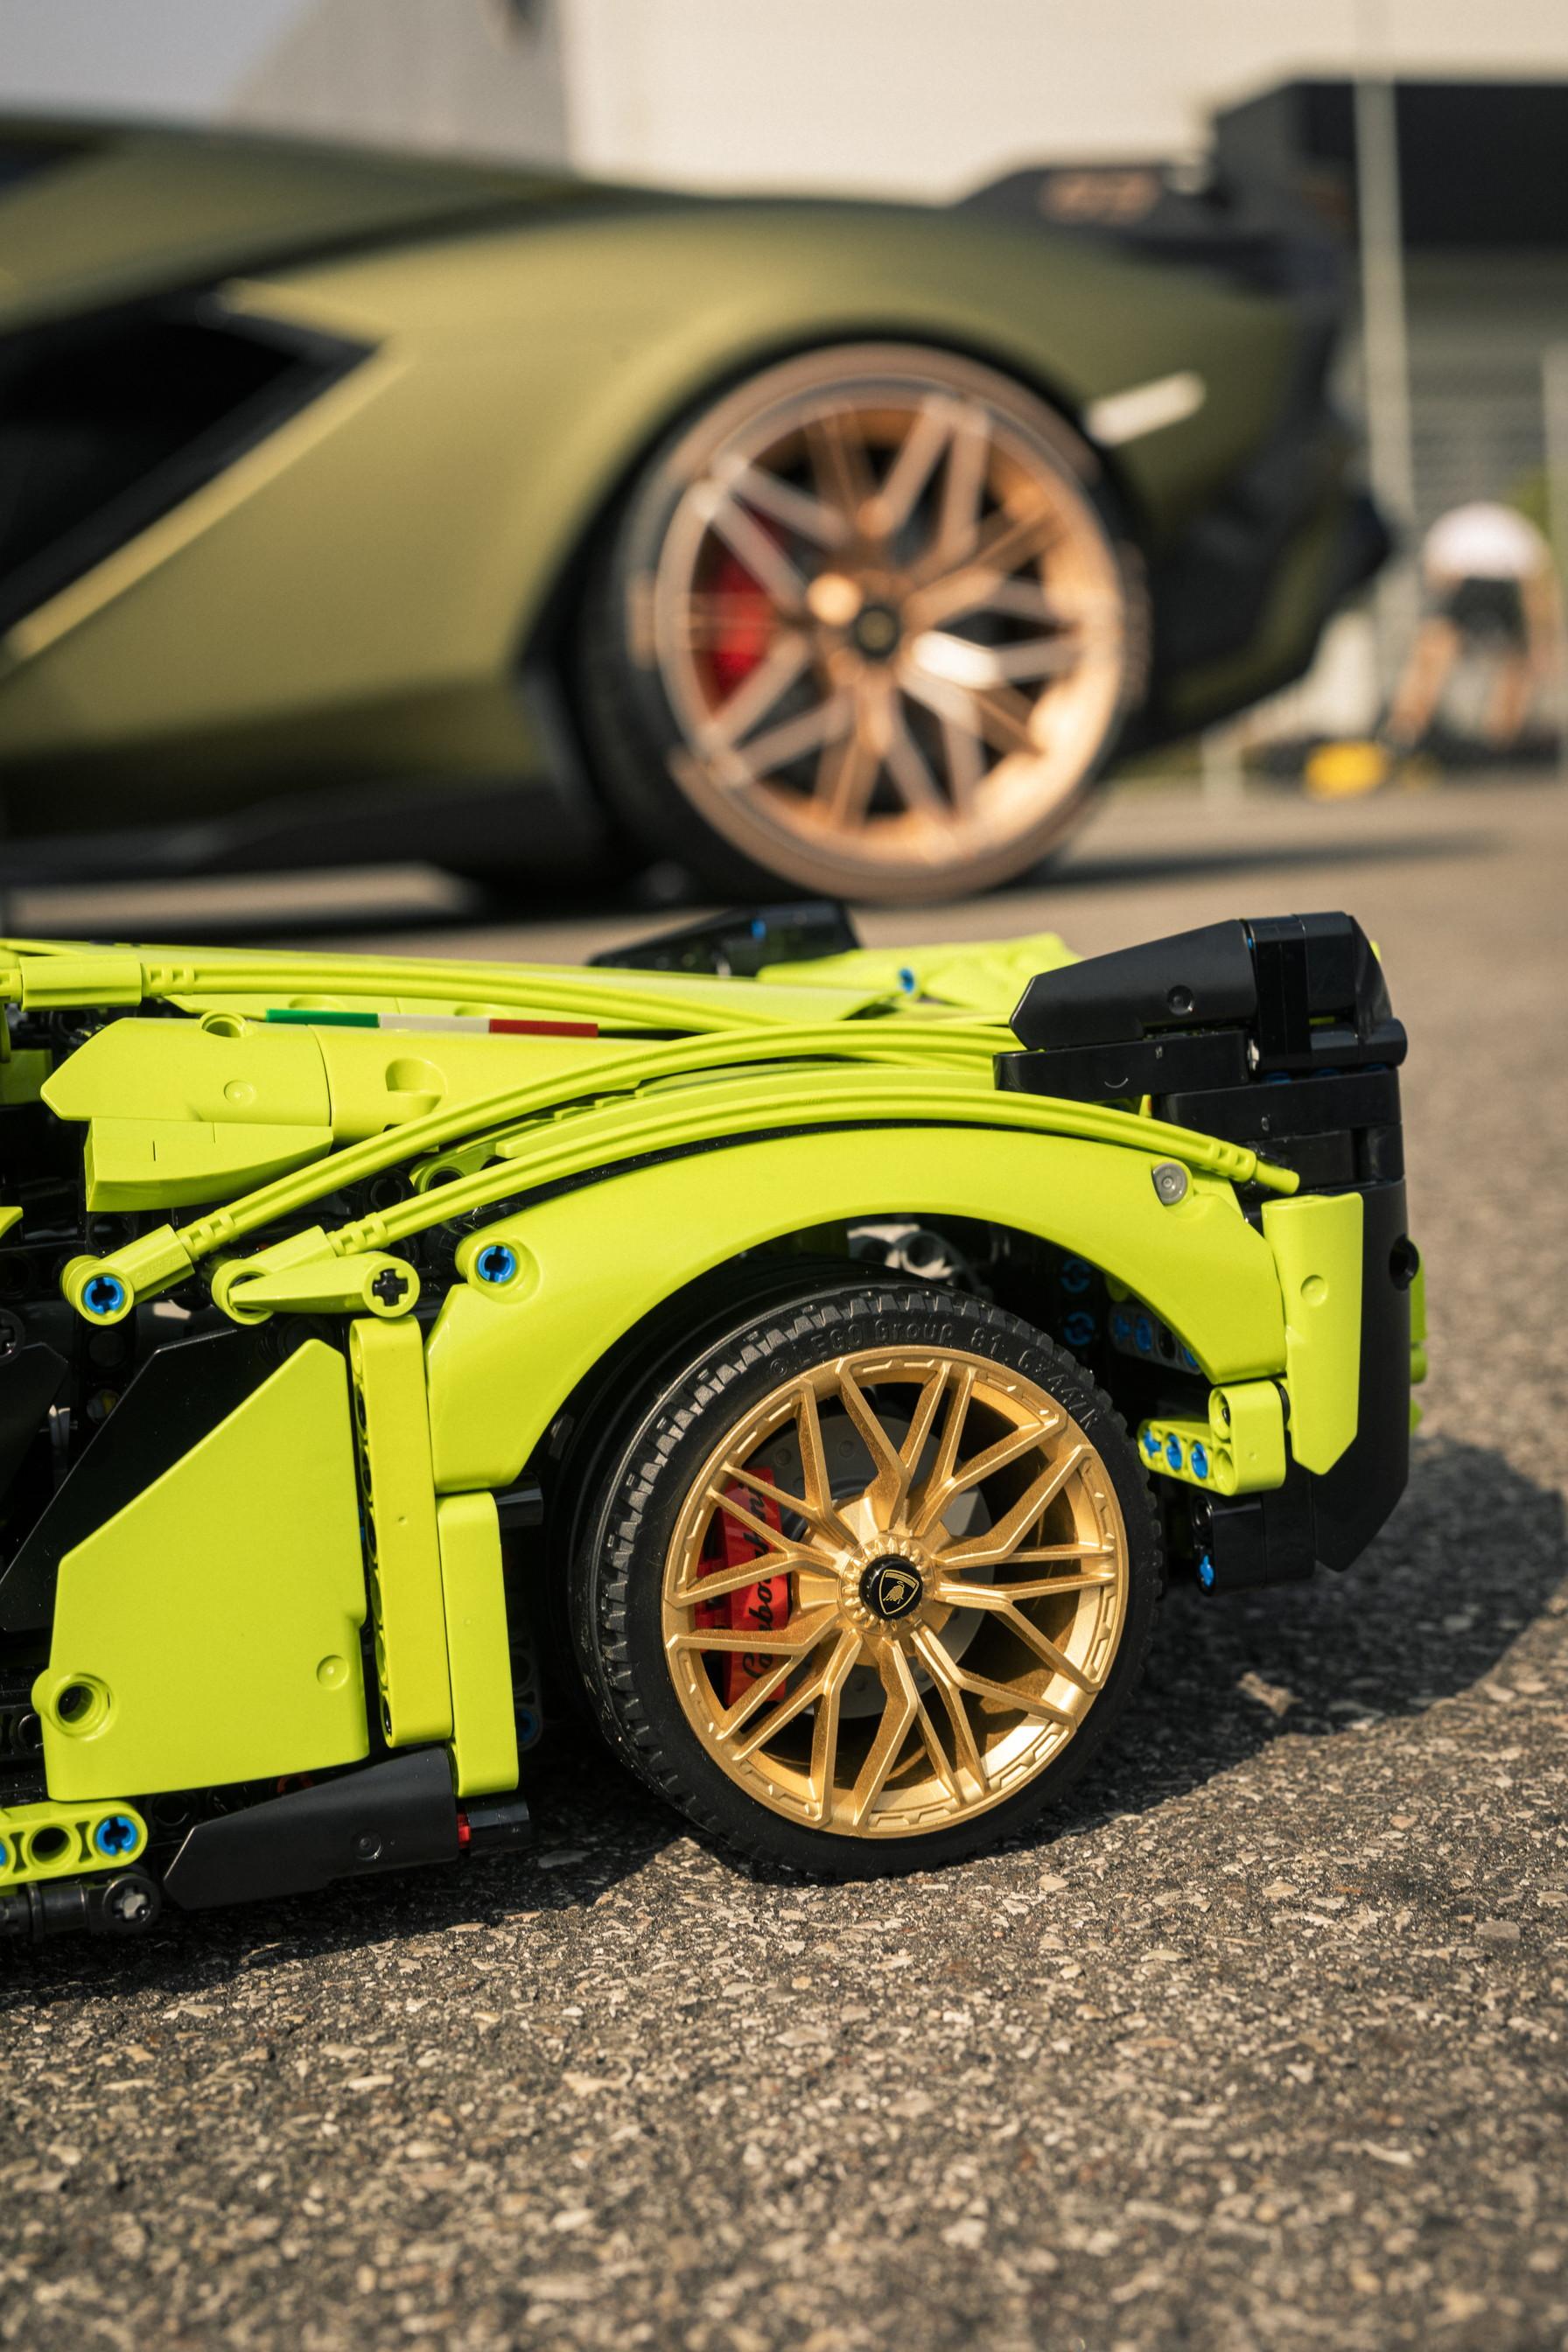 Il Gruppo LEGO ha svelato l&rsquo;ultima incredibile novit&agrave; del suo garage: una replica a grandezza naturale della Lamborghini Si&aacute;n FKP 37 realizzata con oltre 400.000 elementi LEGO&reg; Technic&trade;. Questa collaborazione spettacolare con Lamborghini dimostra ancora una volta che con Technic&trade; &egrave; davvero possibile costruire qualsiasi cosa si possa immaginare.<br /><br />